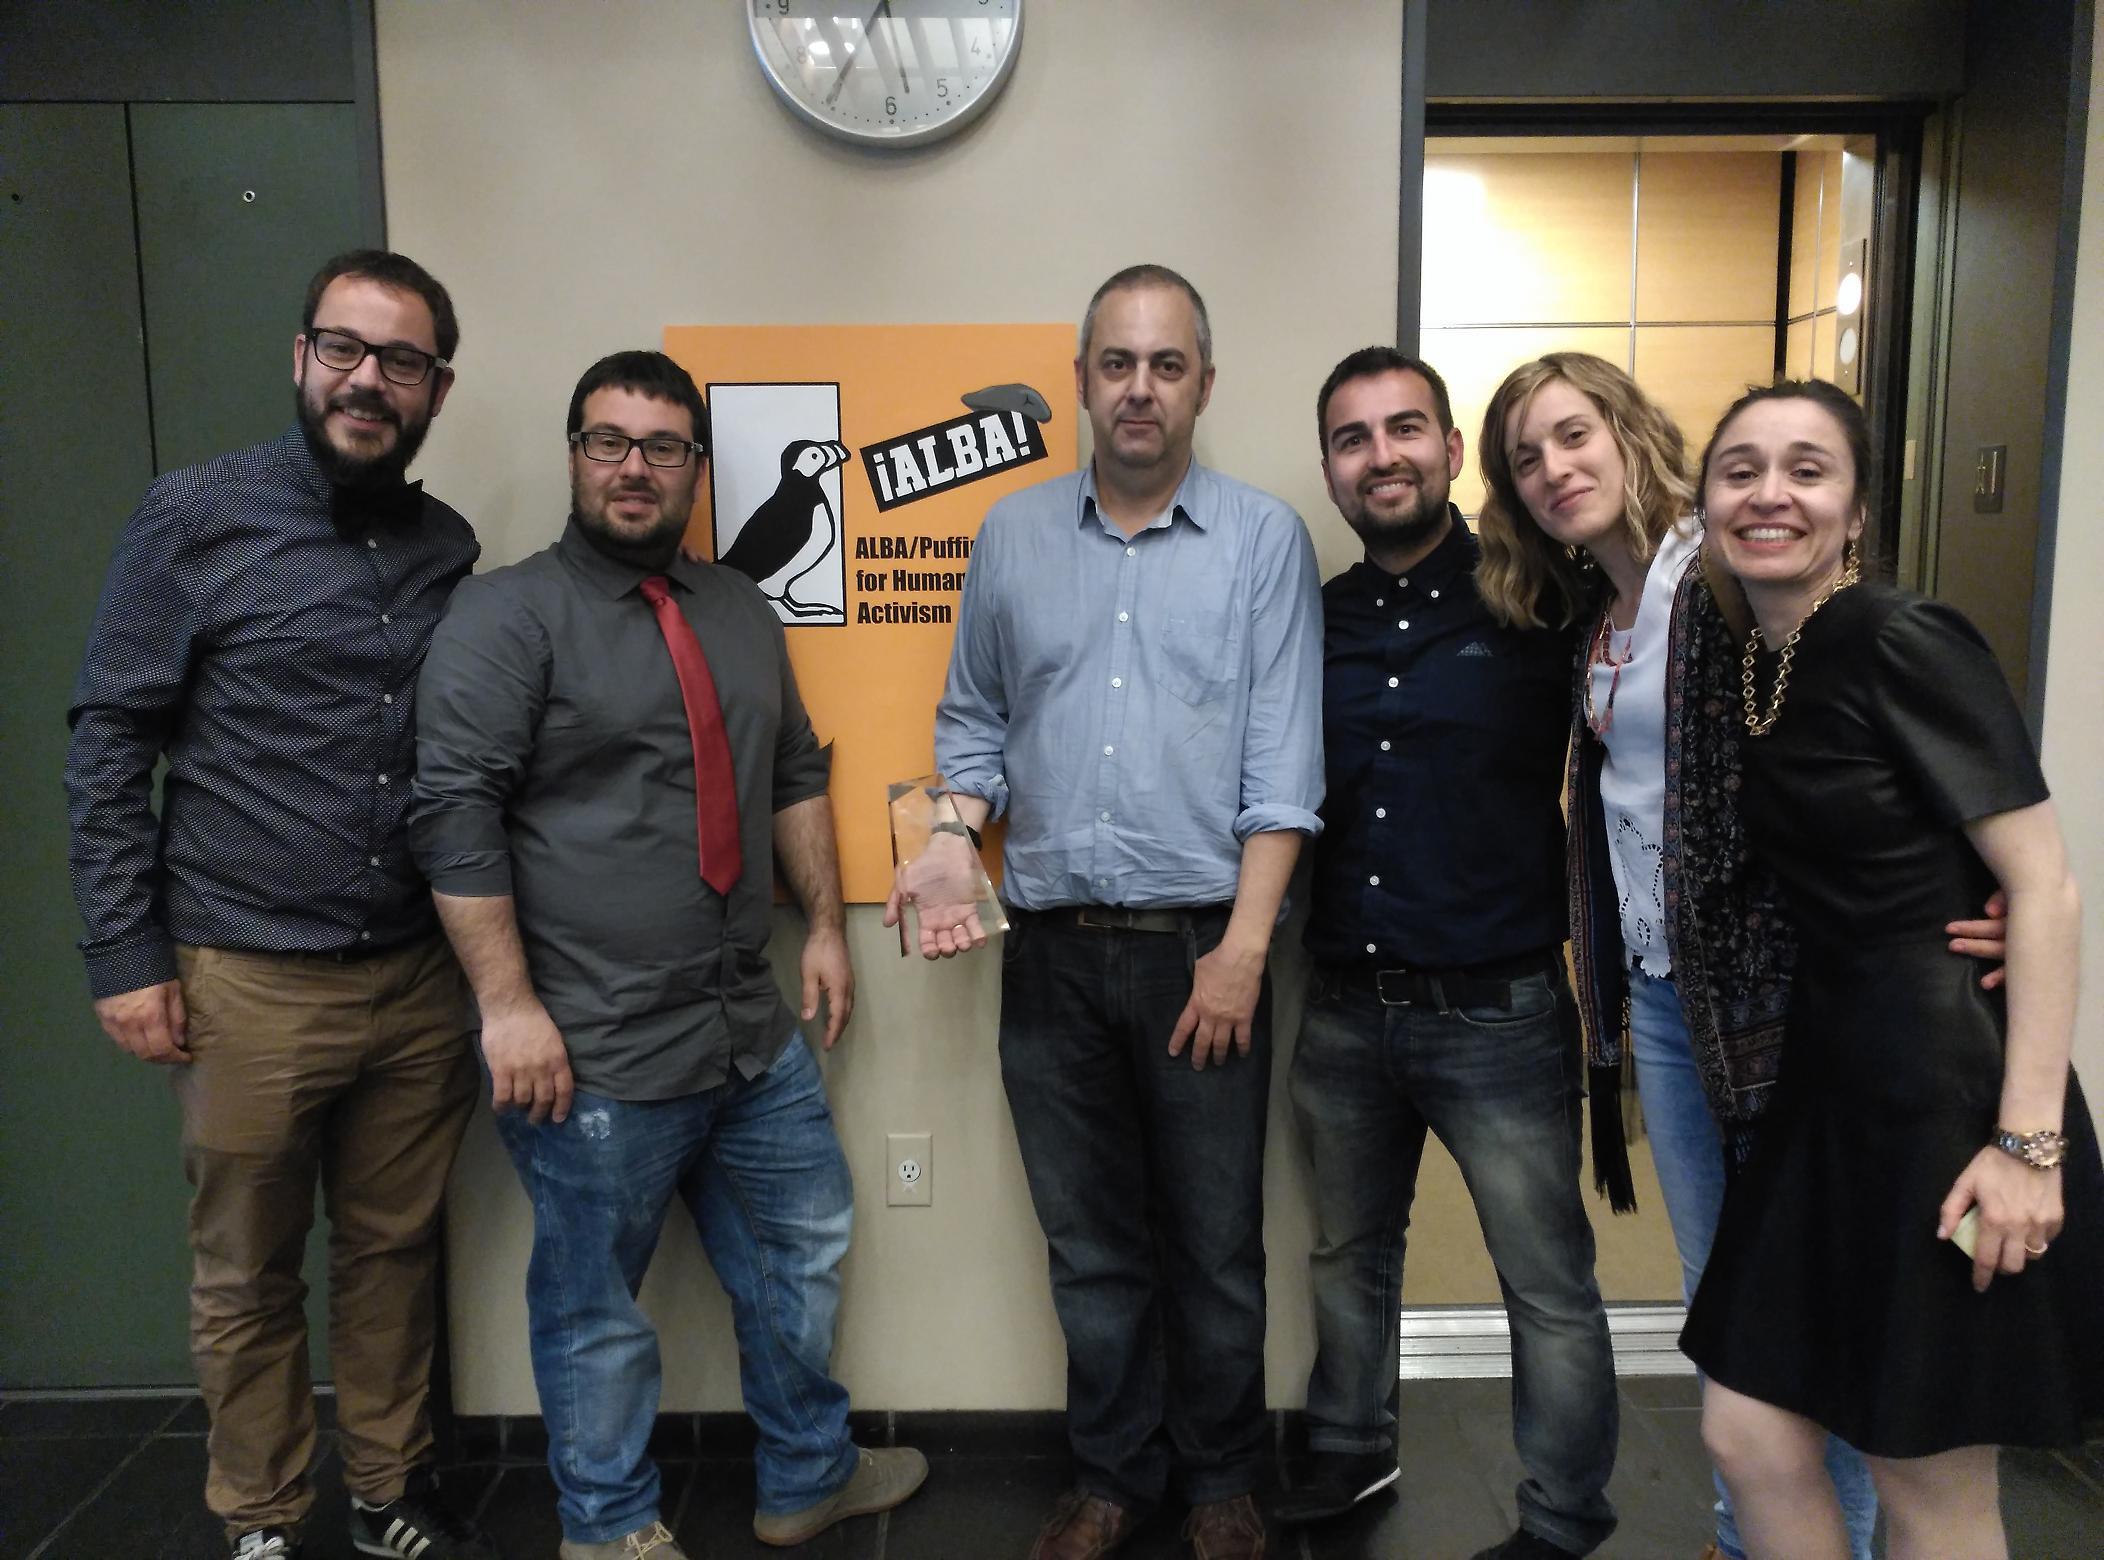 La ARMH recoge el premio Alba-Puffin Nueva York. En el centro Marco Antonio González y Emilio Silva (con la placa del galardón)